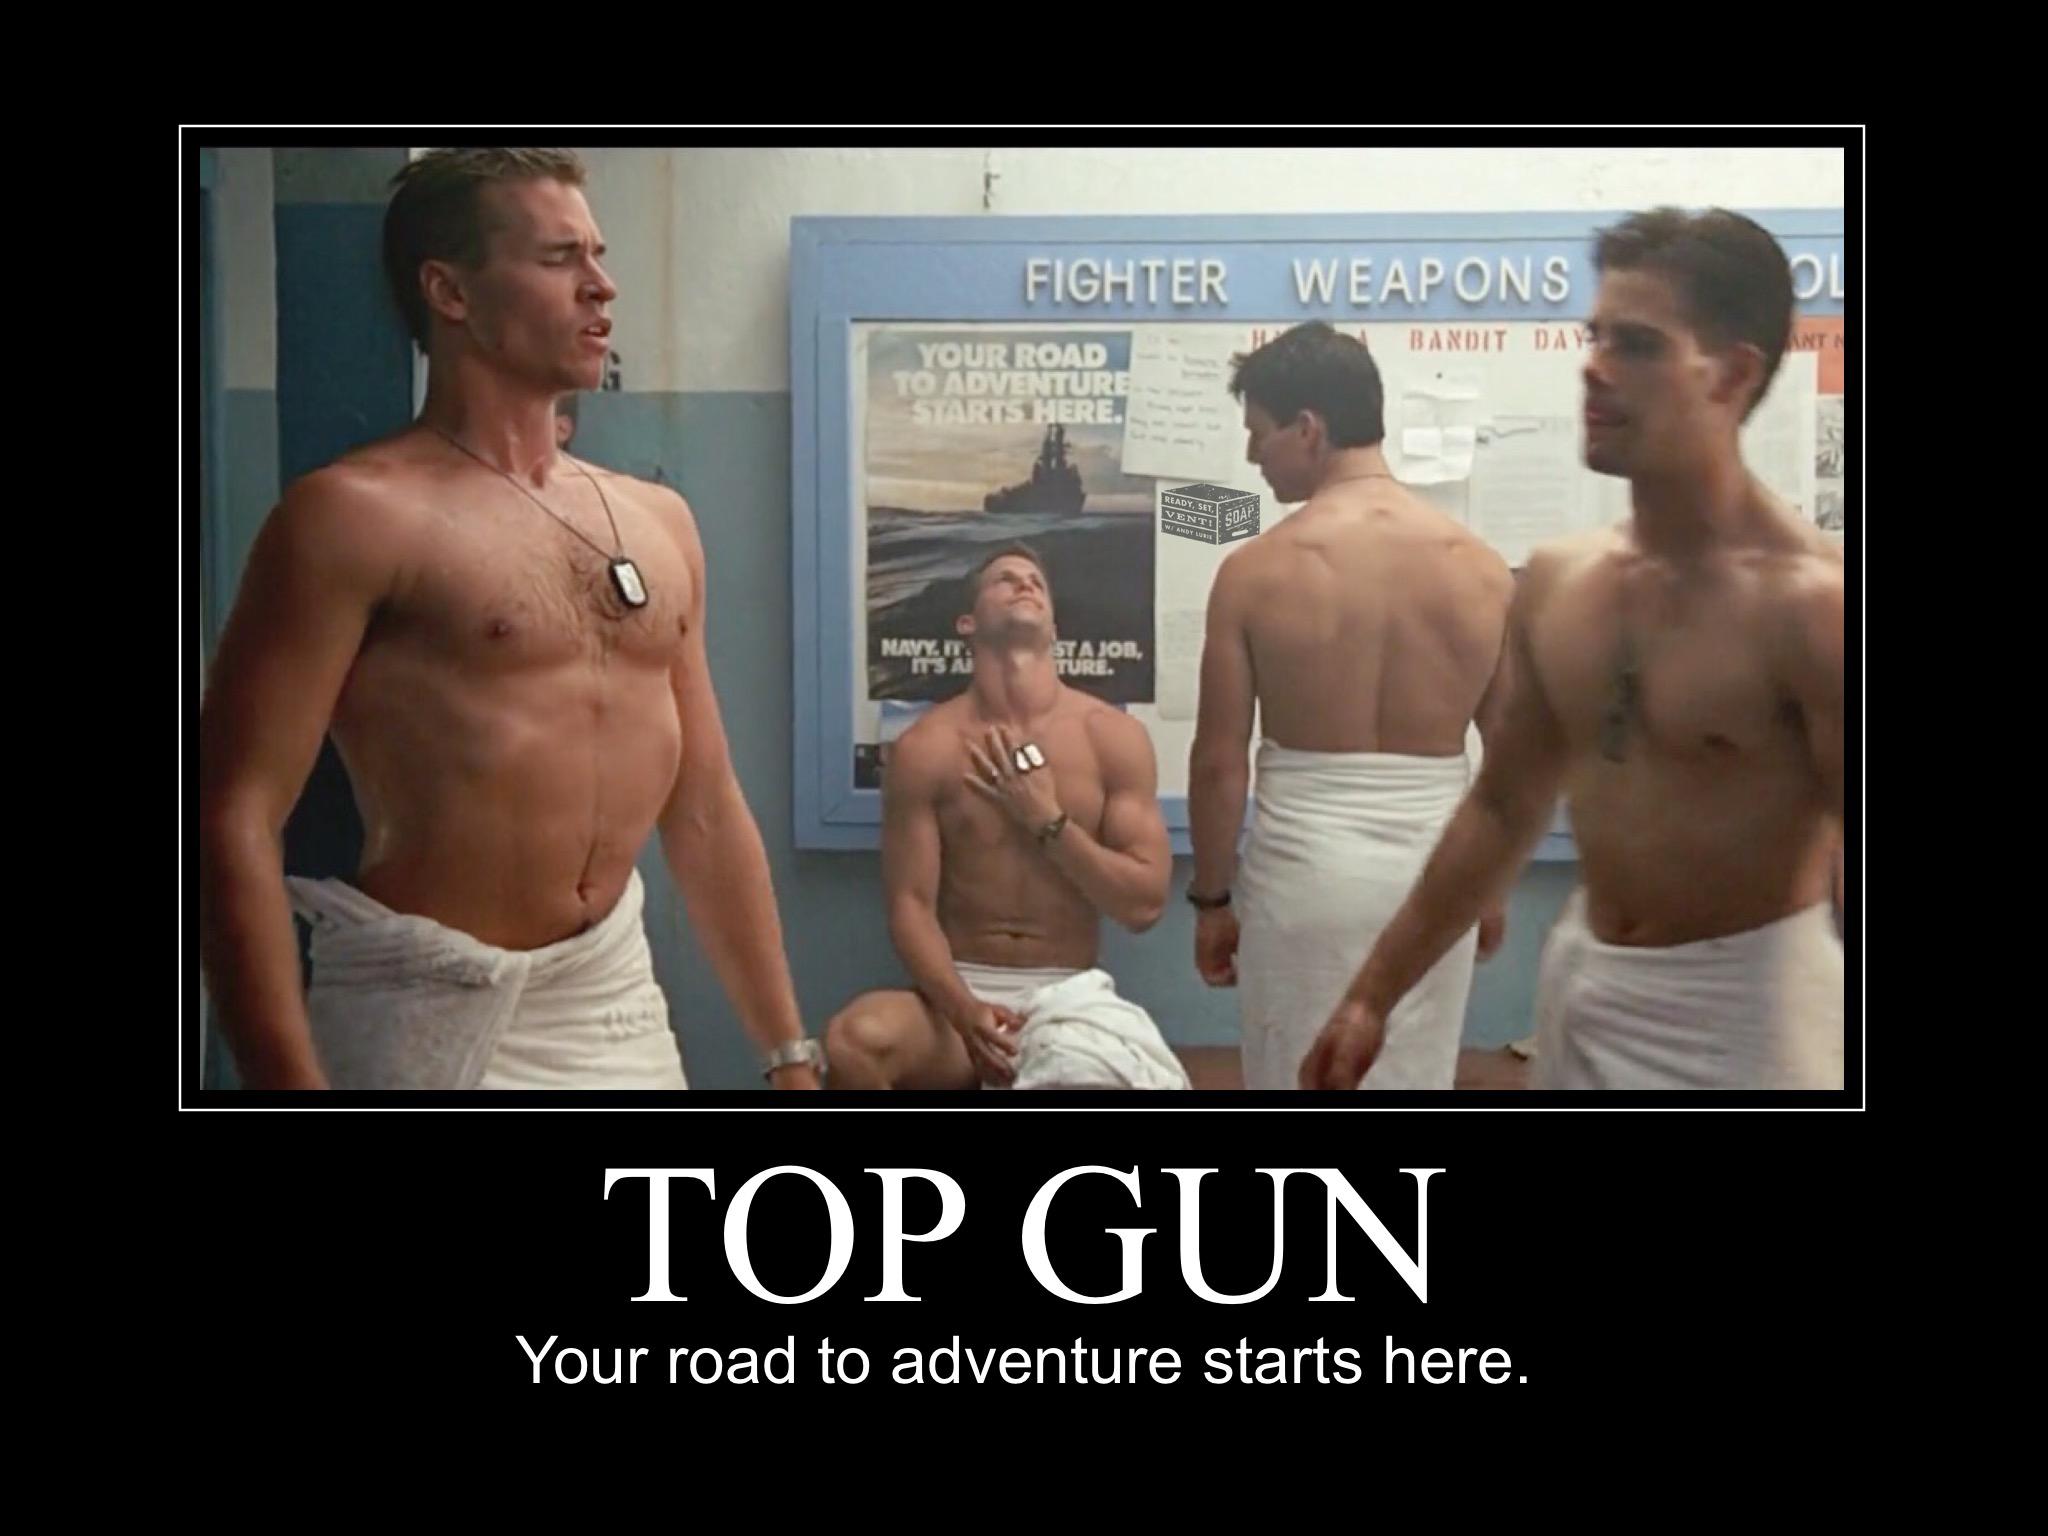 0b48291c4302cc701a2bd1d589228d17 bildresultat för top gun meme top gun memes pinterest meme